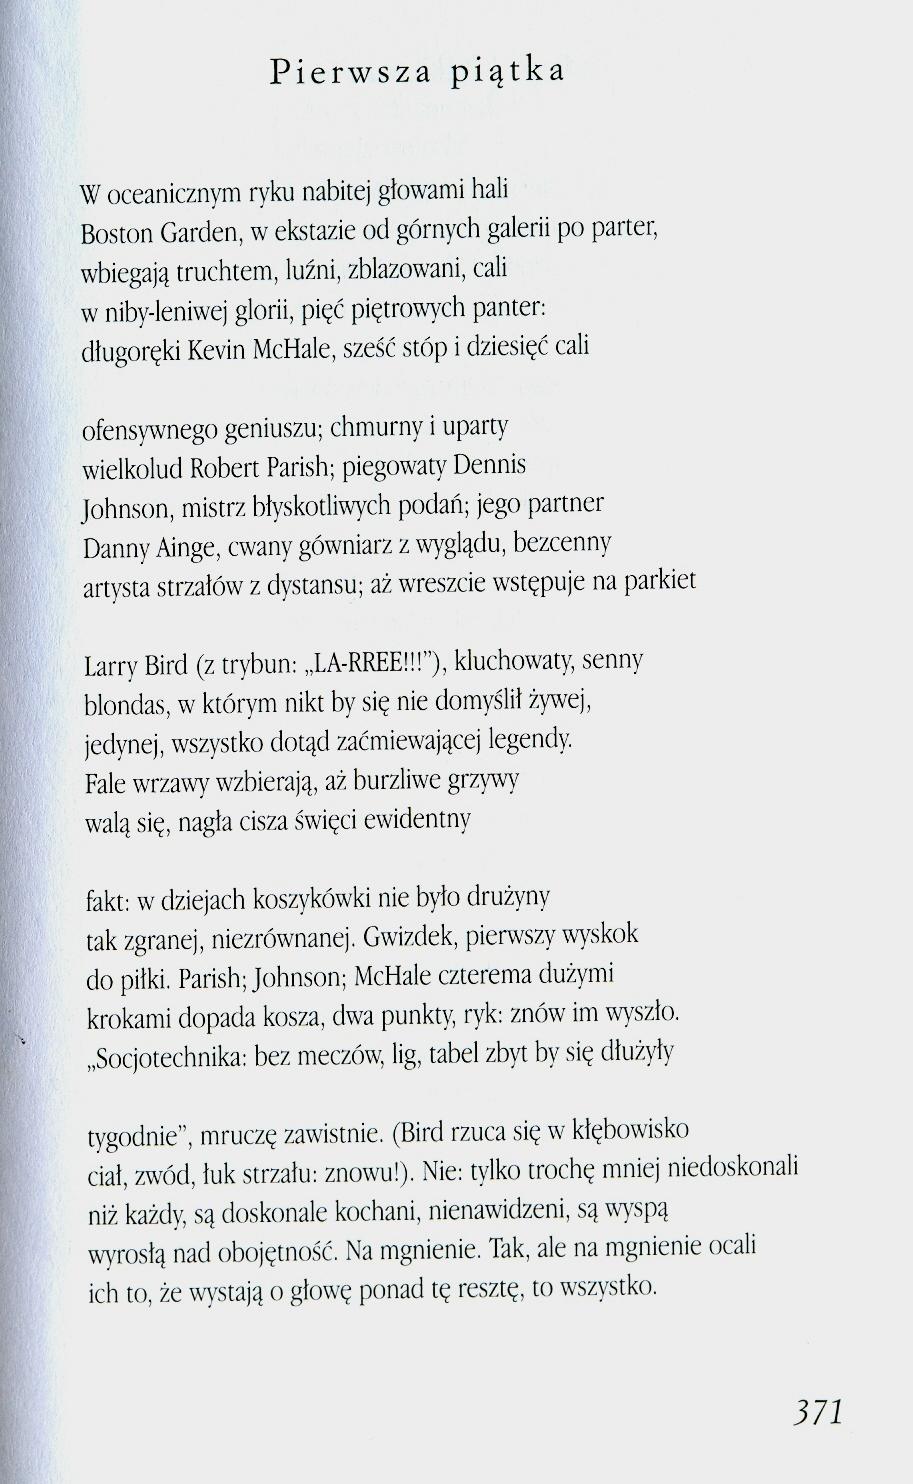 Pierwsza Piątka Stanisław Barańczak Karol Mówi